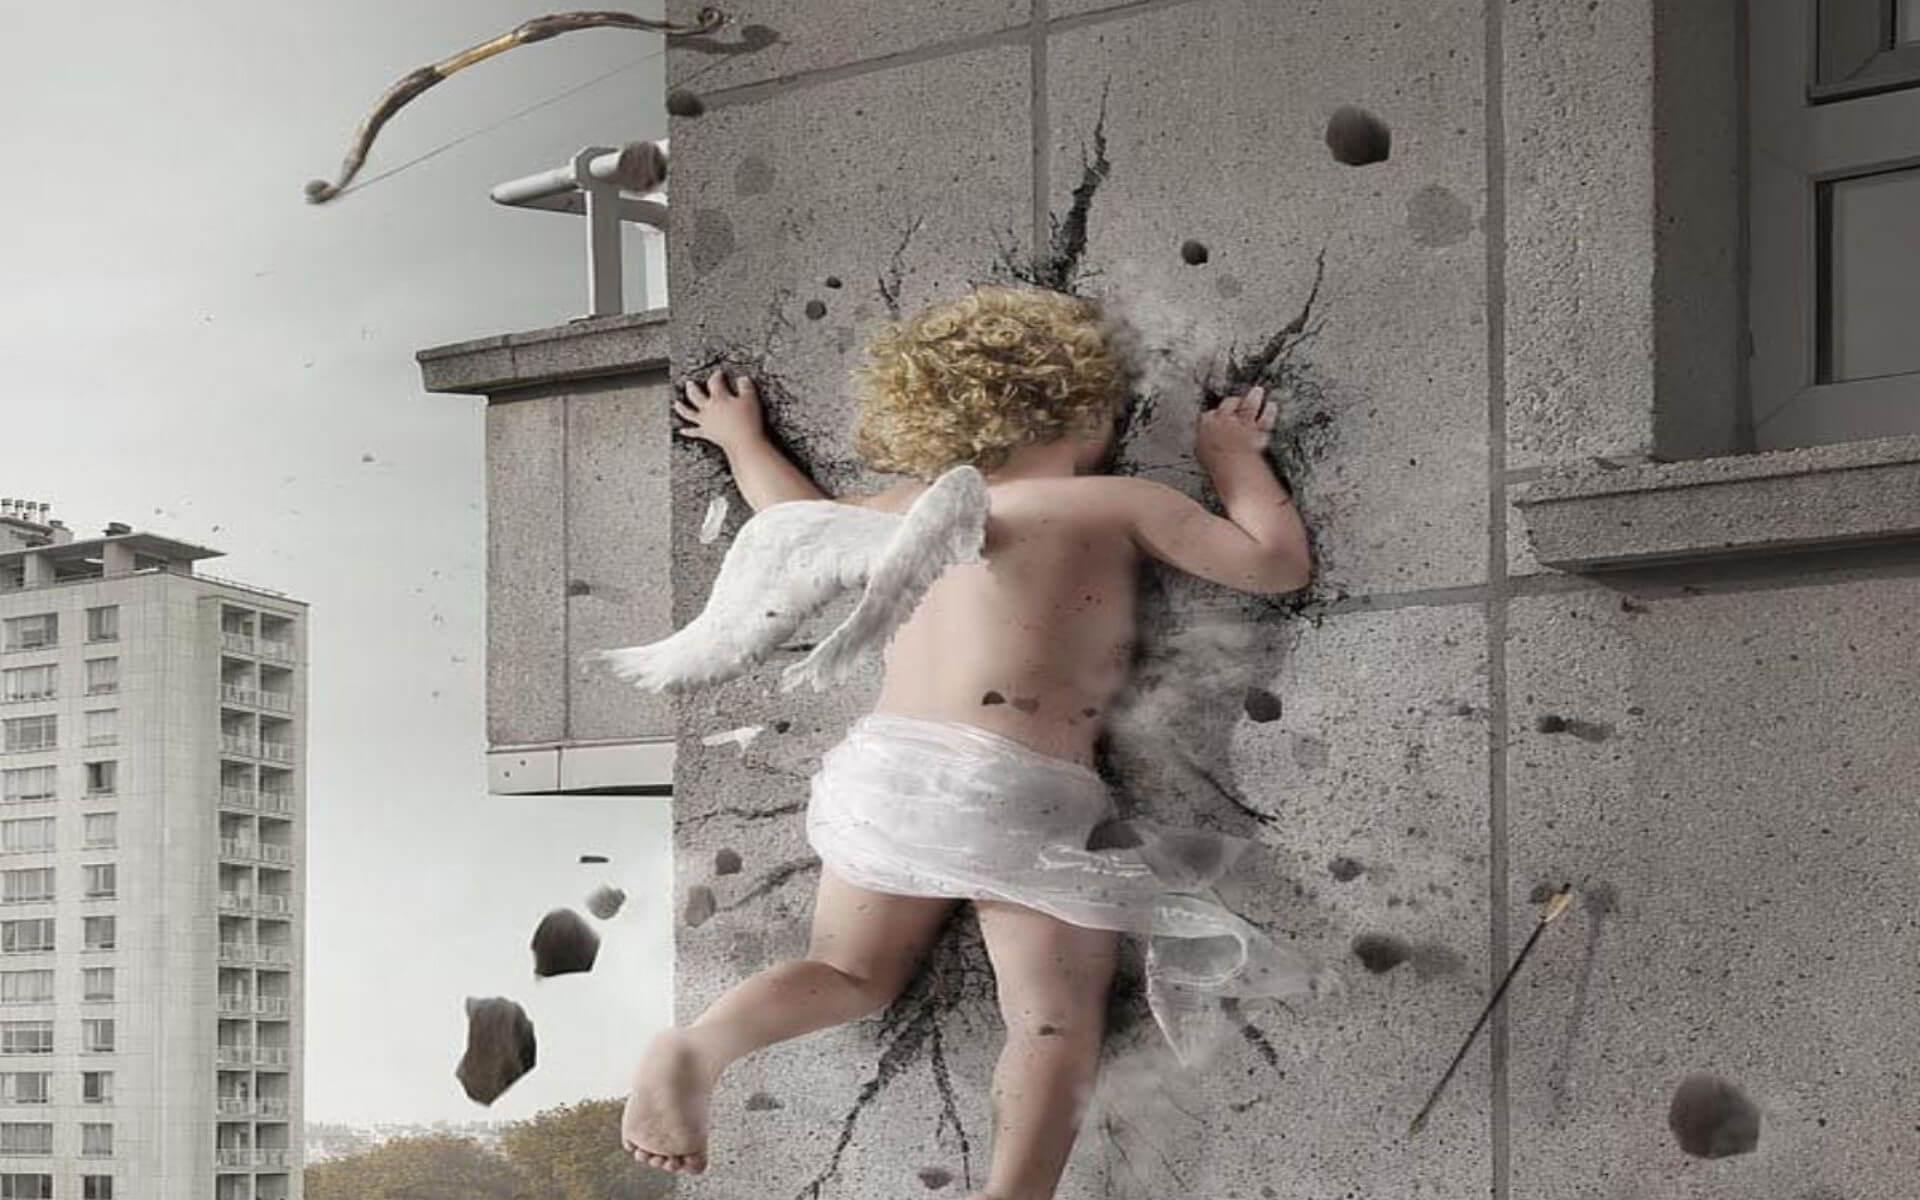 картинки мужик ангел лезет в окно меня было